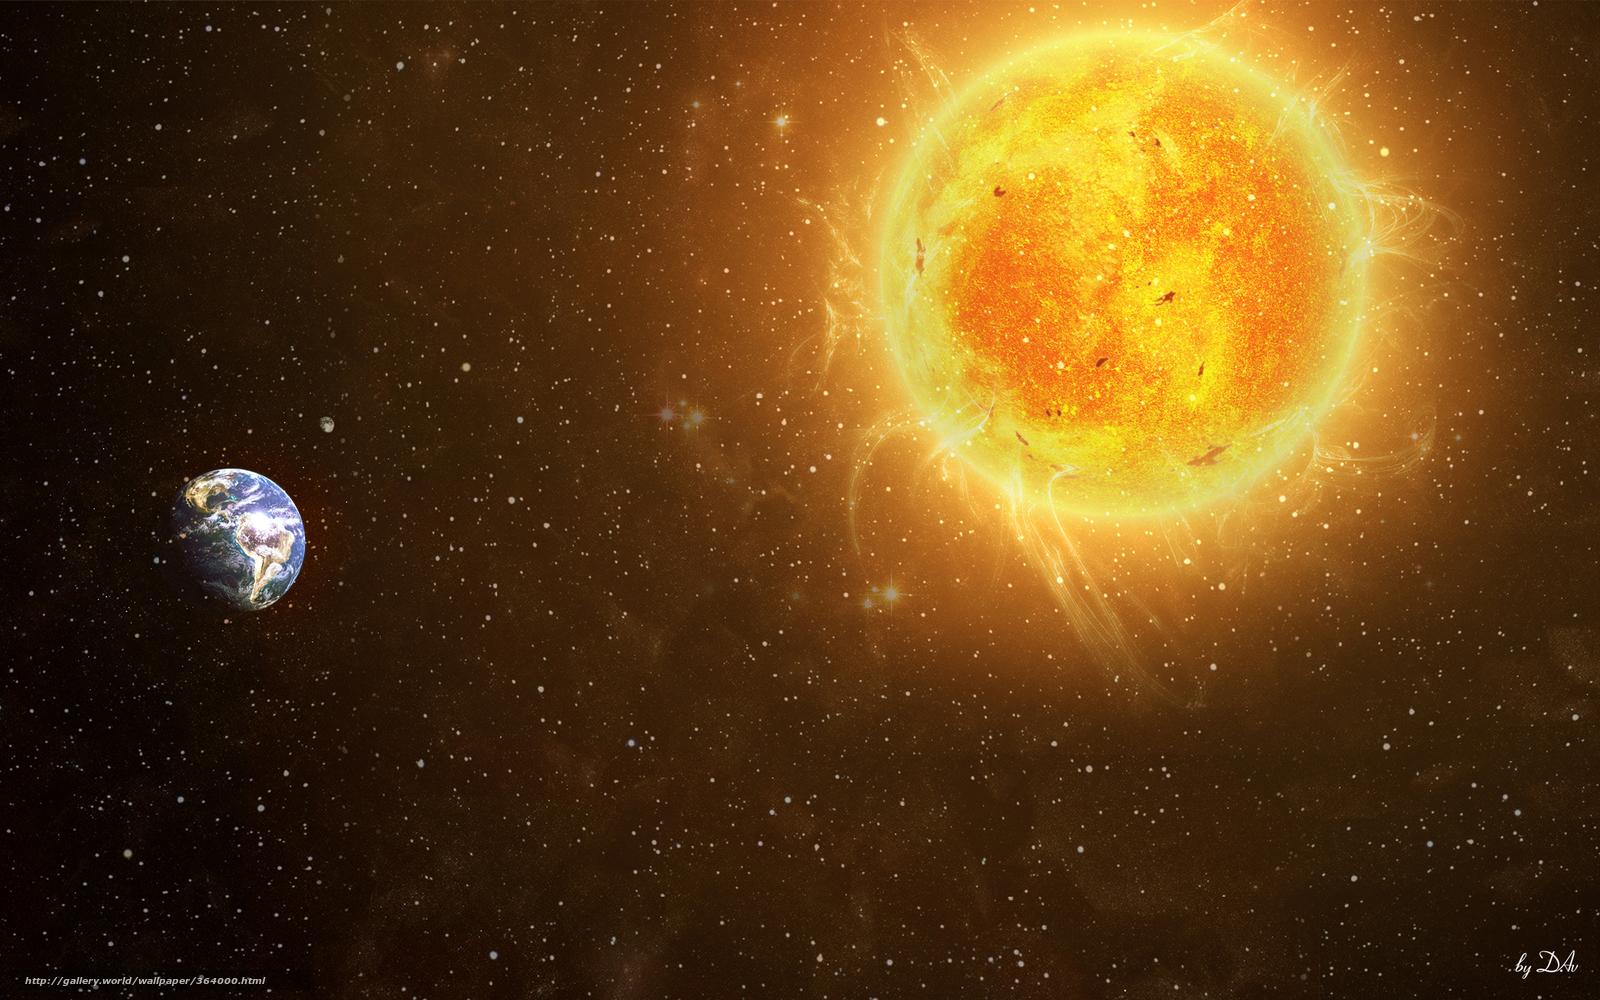 Солнце - наша ближайшая звезда и маяк в космосе